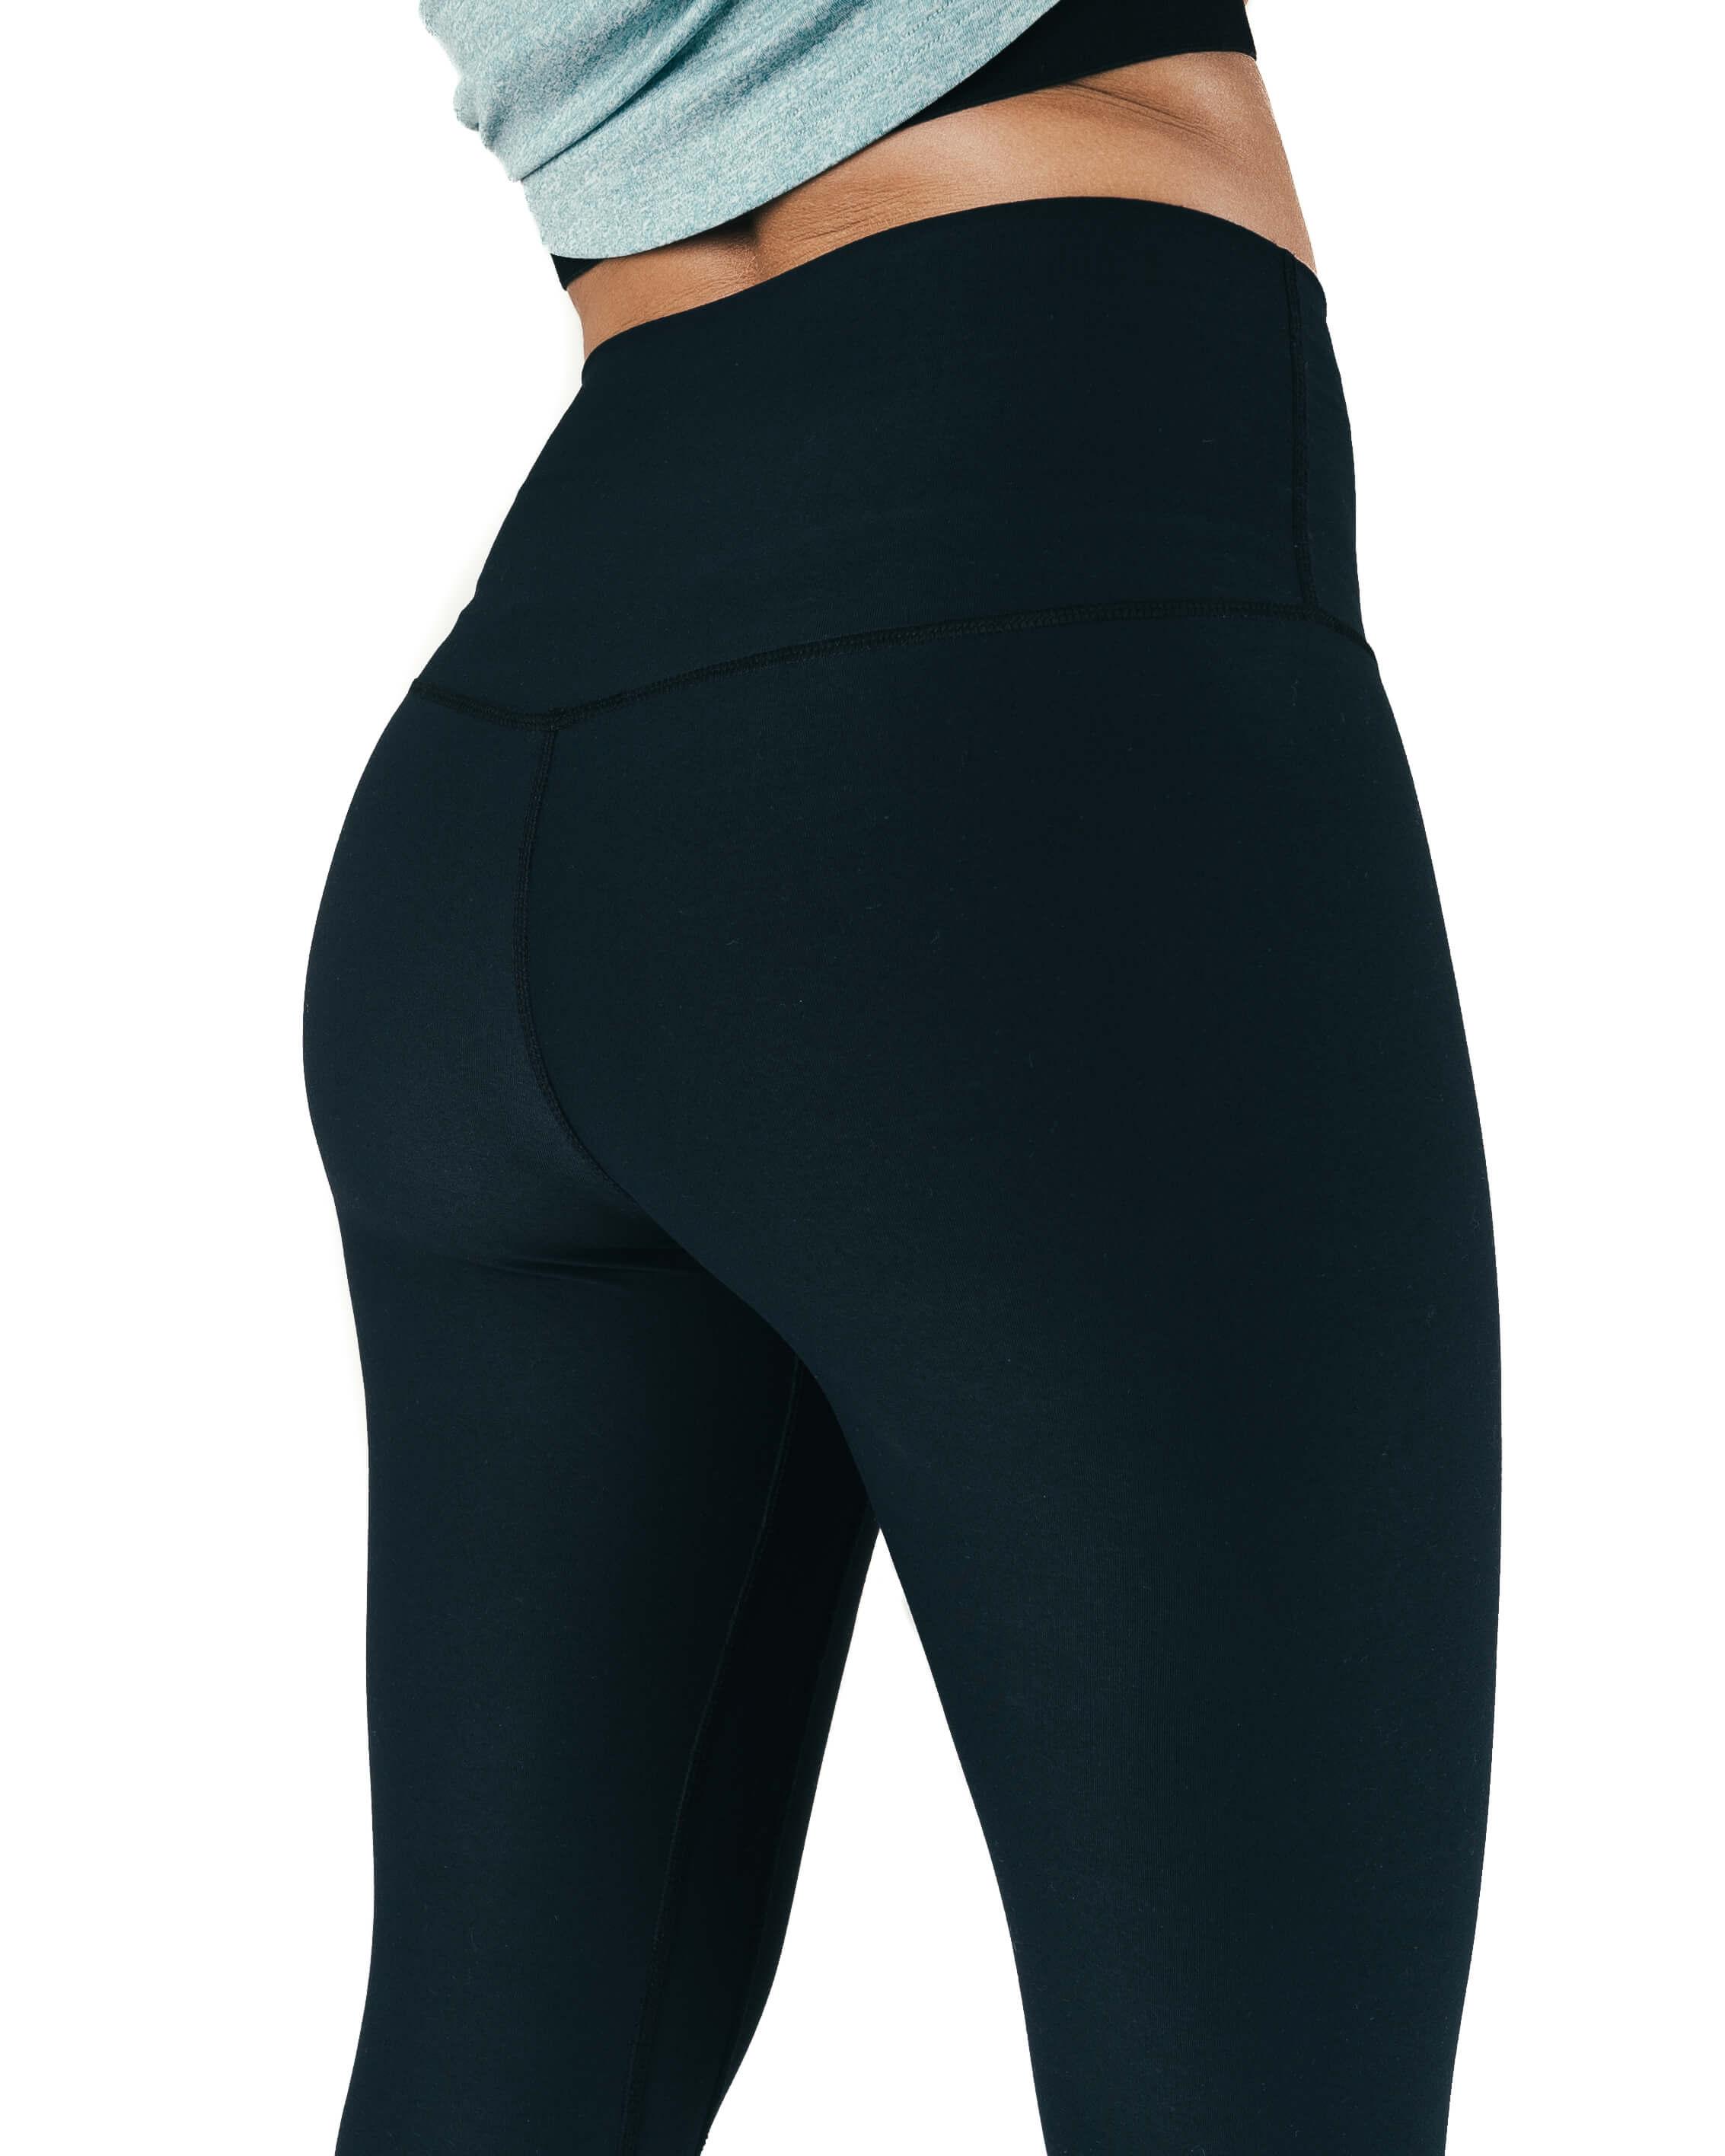 Women's Opti-Fit Leggings Close Up